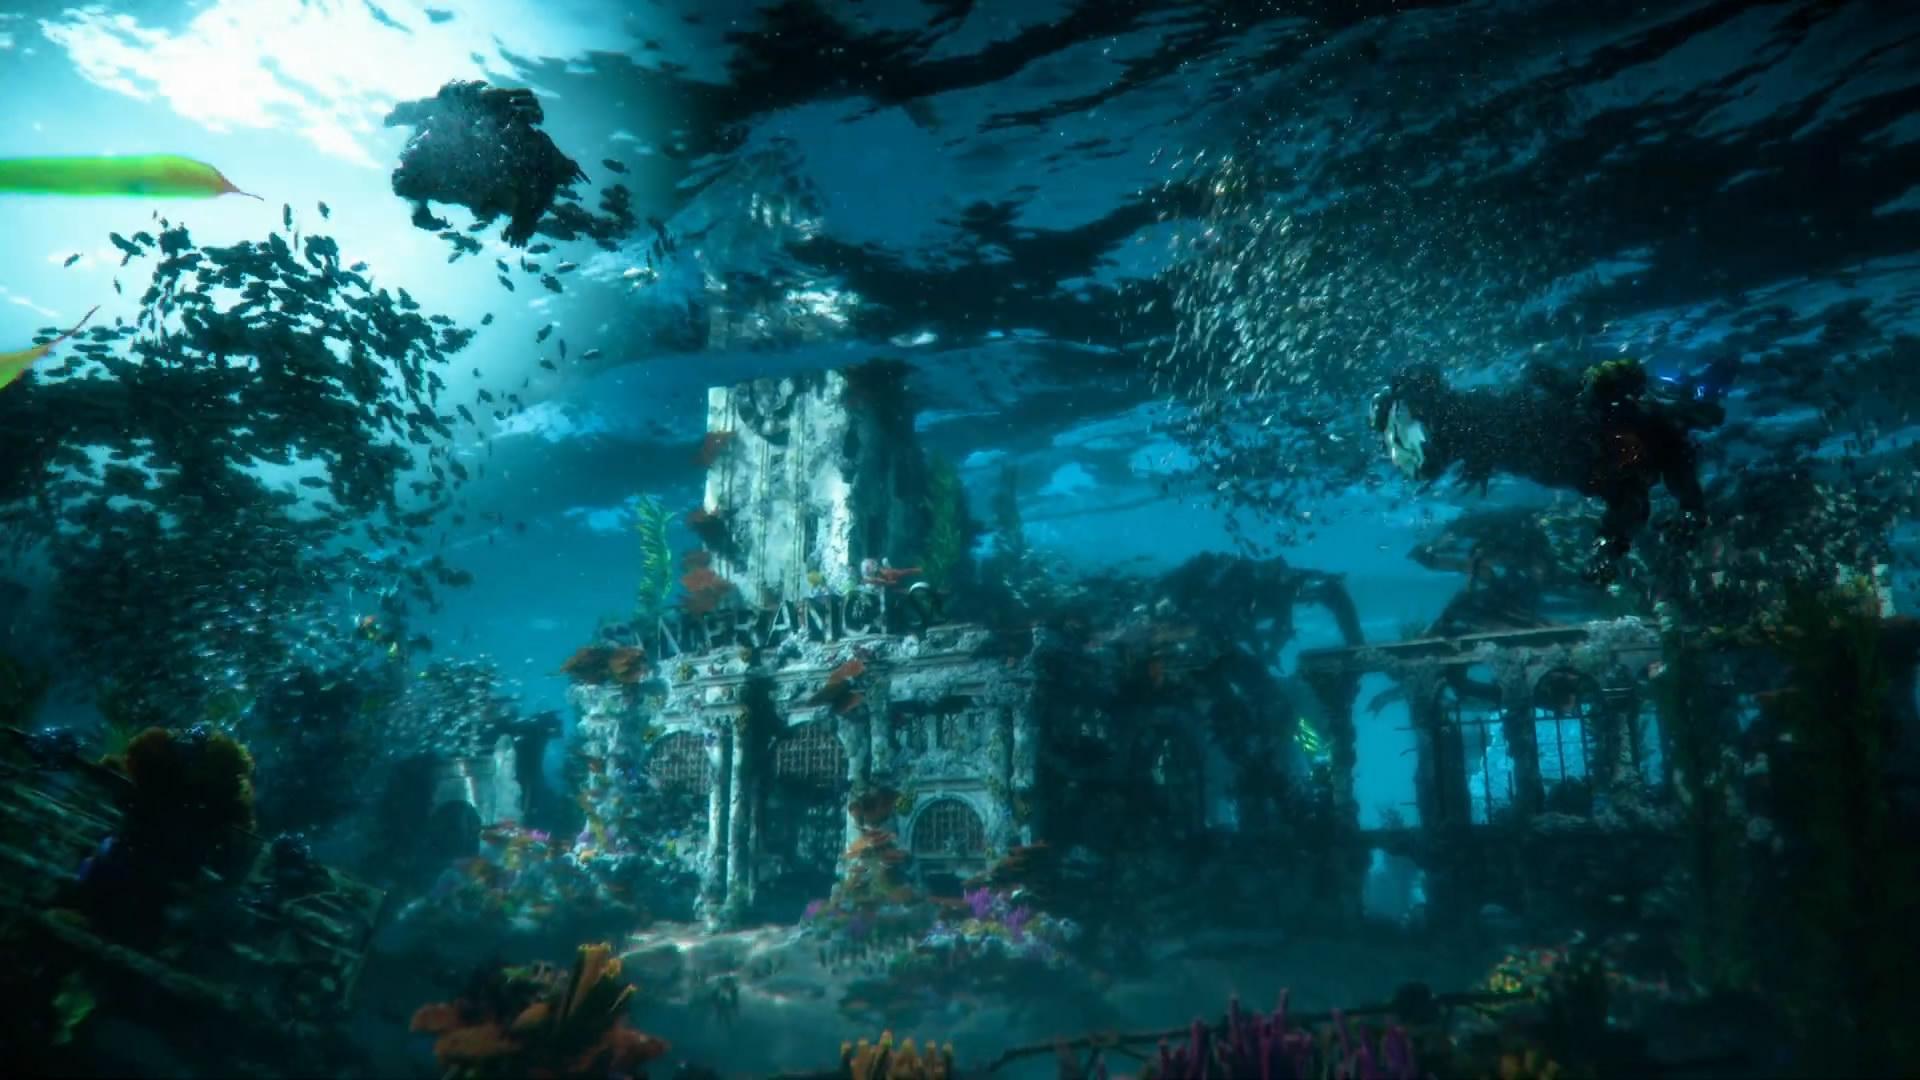 《地平线2:禁忌西部》几乎无加载画面 2021年内